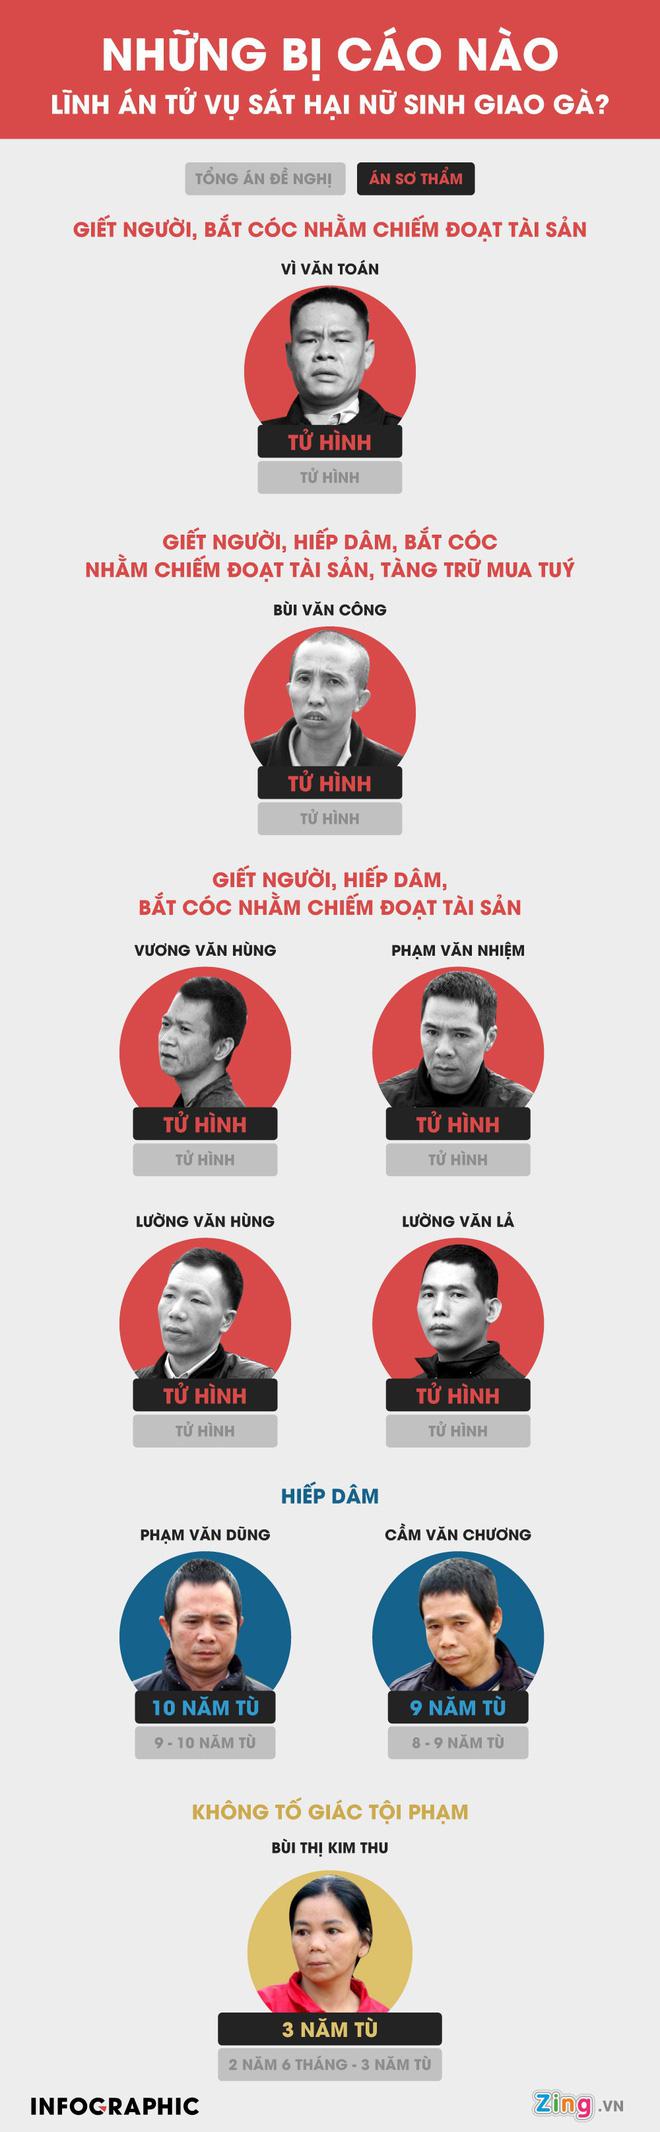 Bố nữ sinh giao gà ở Điện Biên kiến nghị không tử hình 6 bị cáo - Ảnh 3.